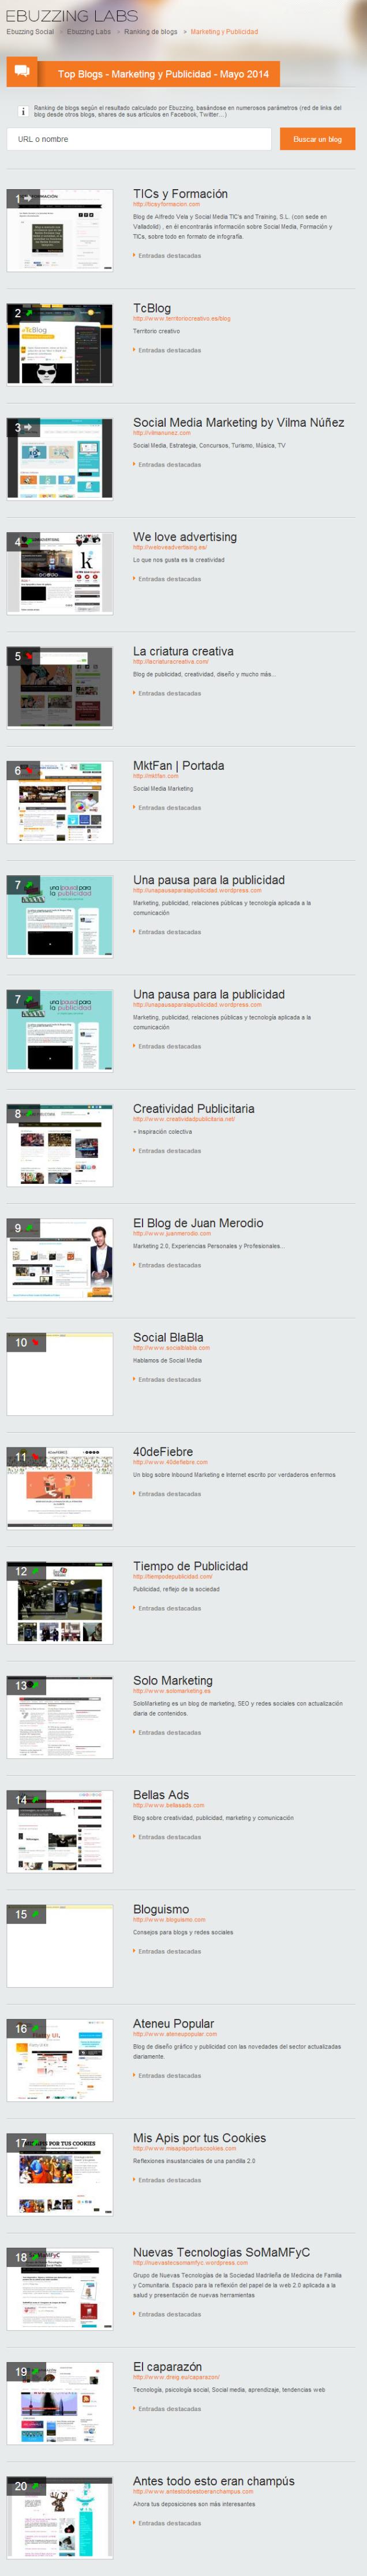 Top 20 blogs sobre Marketing y Publicidad más influyentes (5/2014)